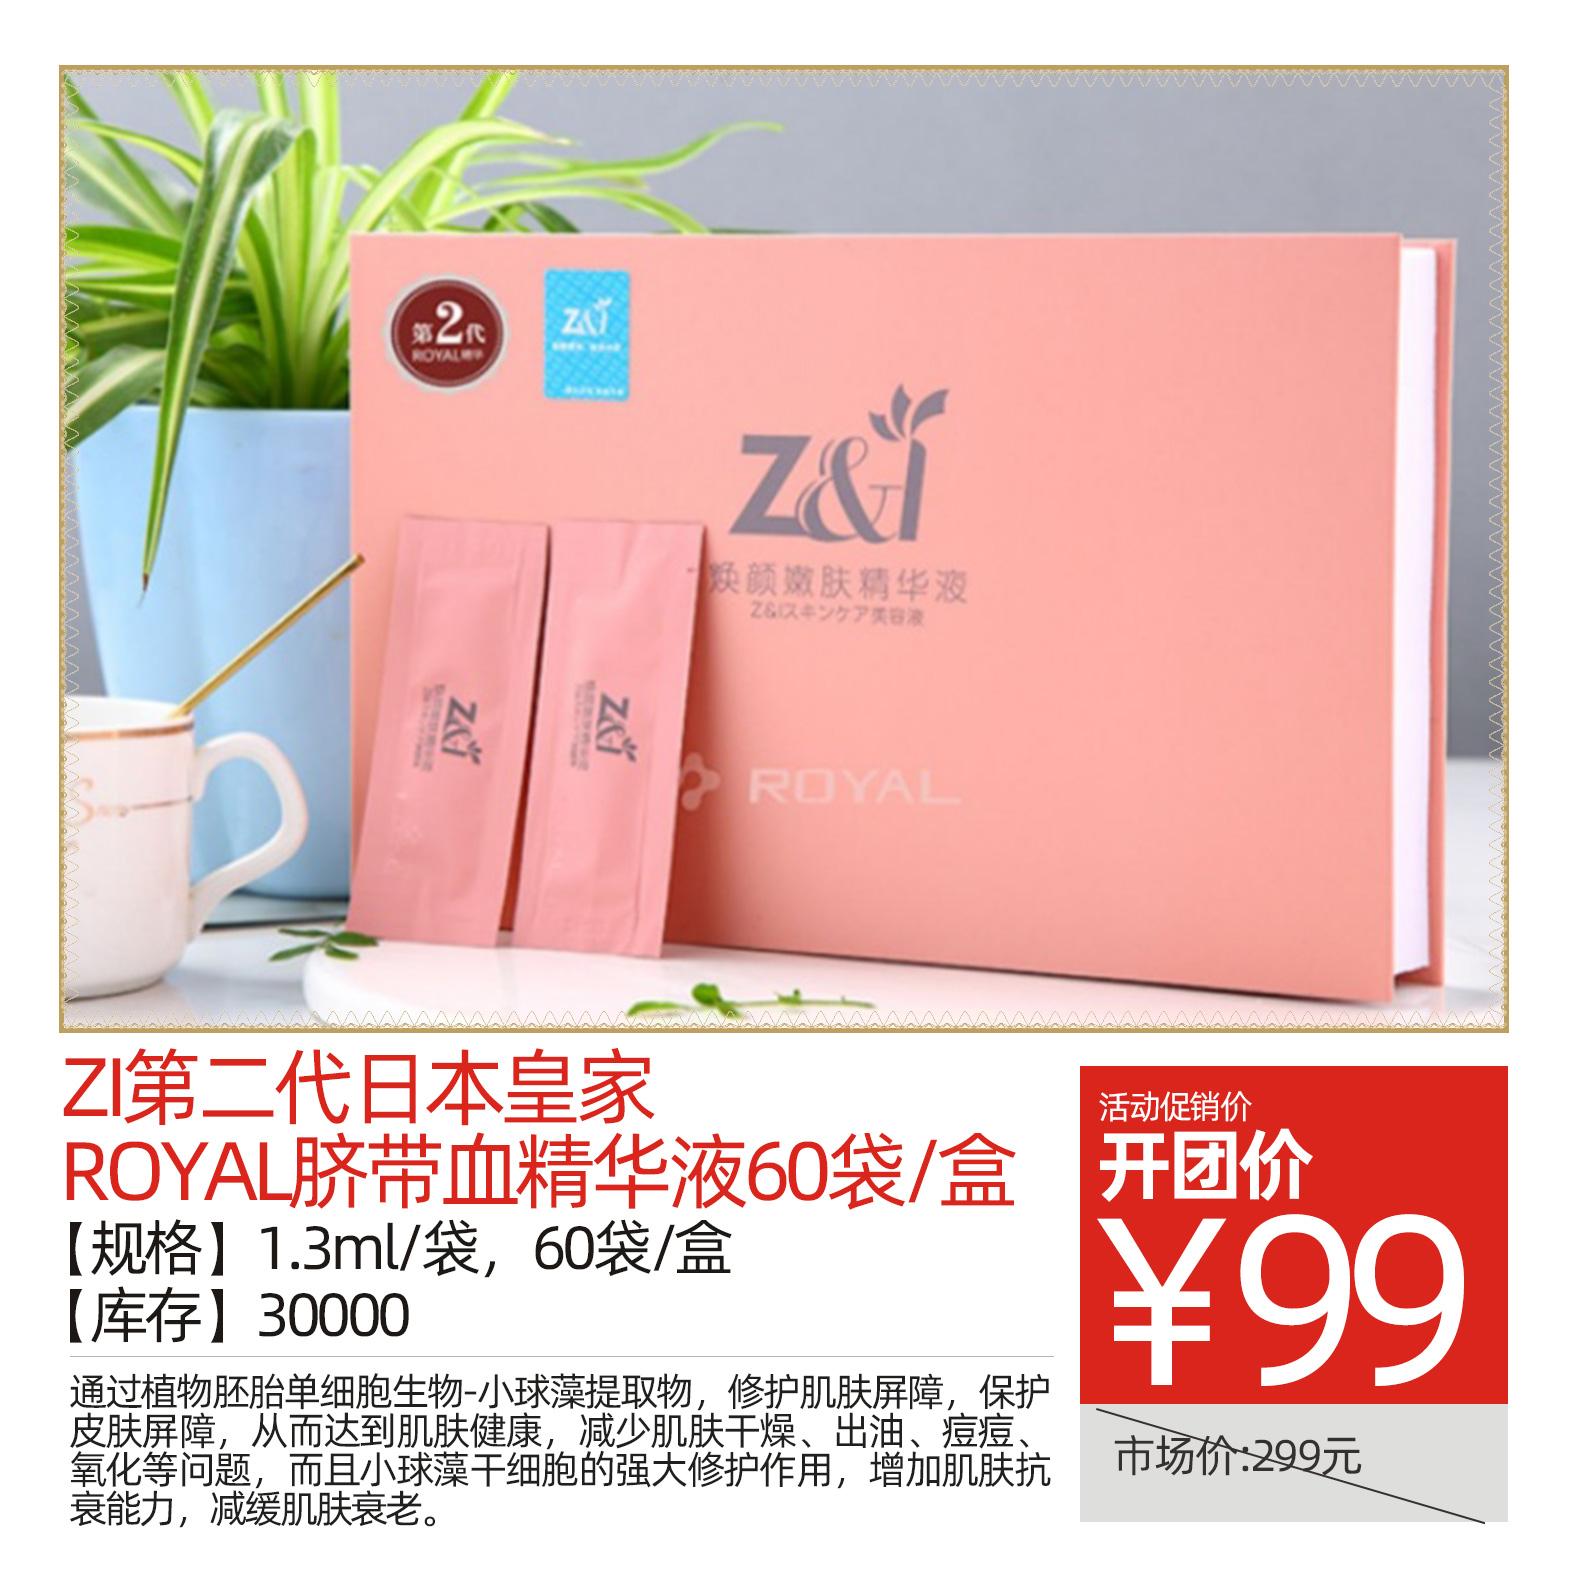 zi第二代日本皇家ROYAL脐带血精华液60袋/盒